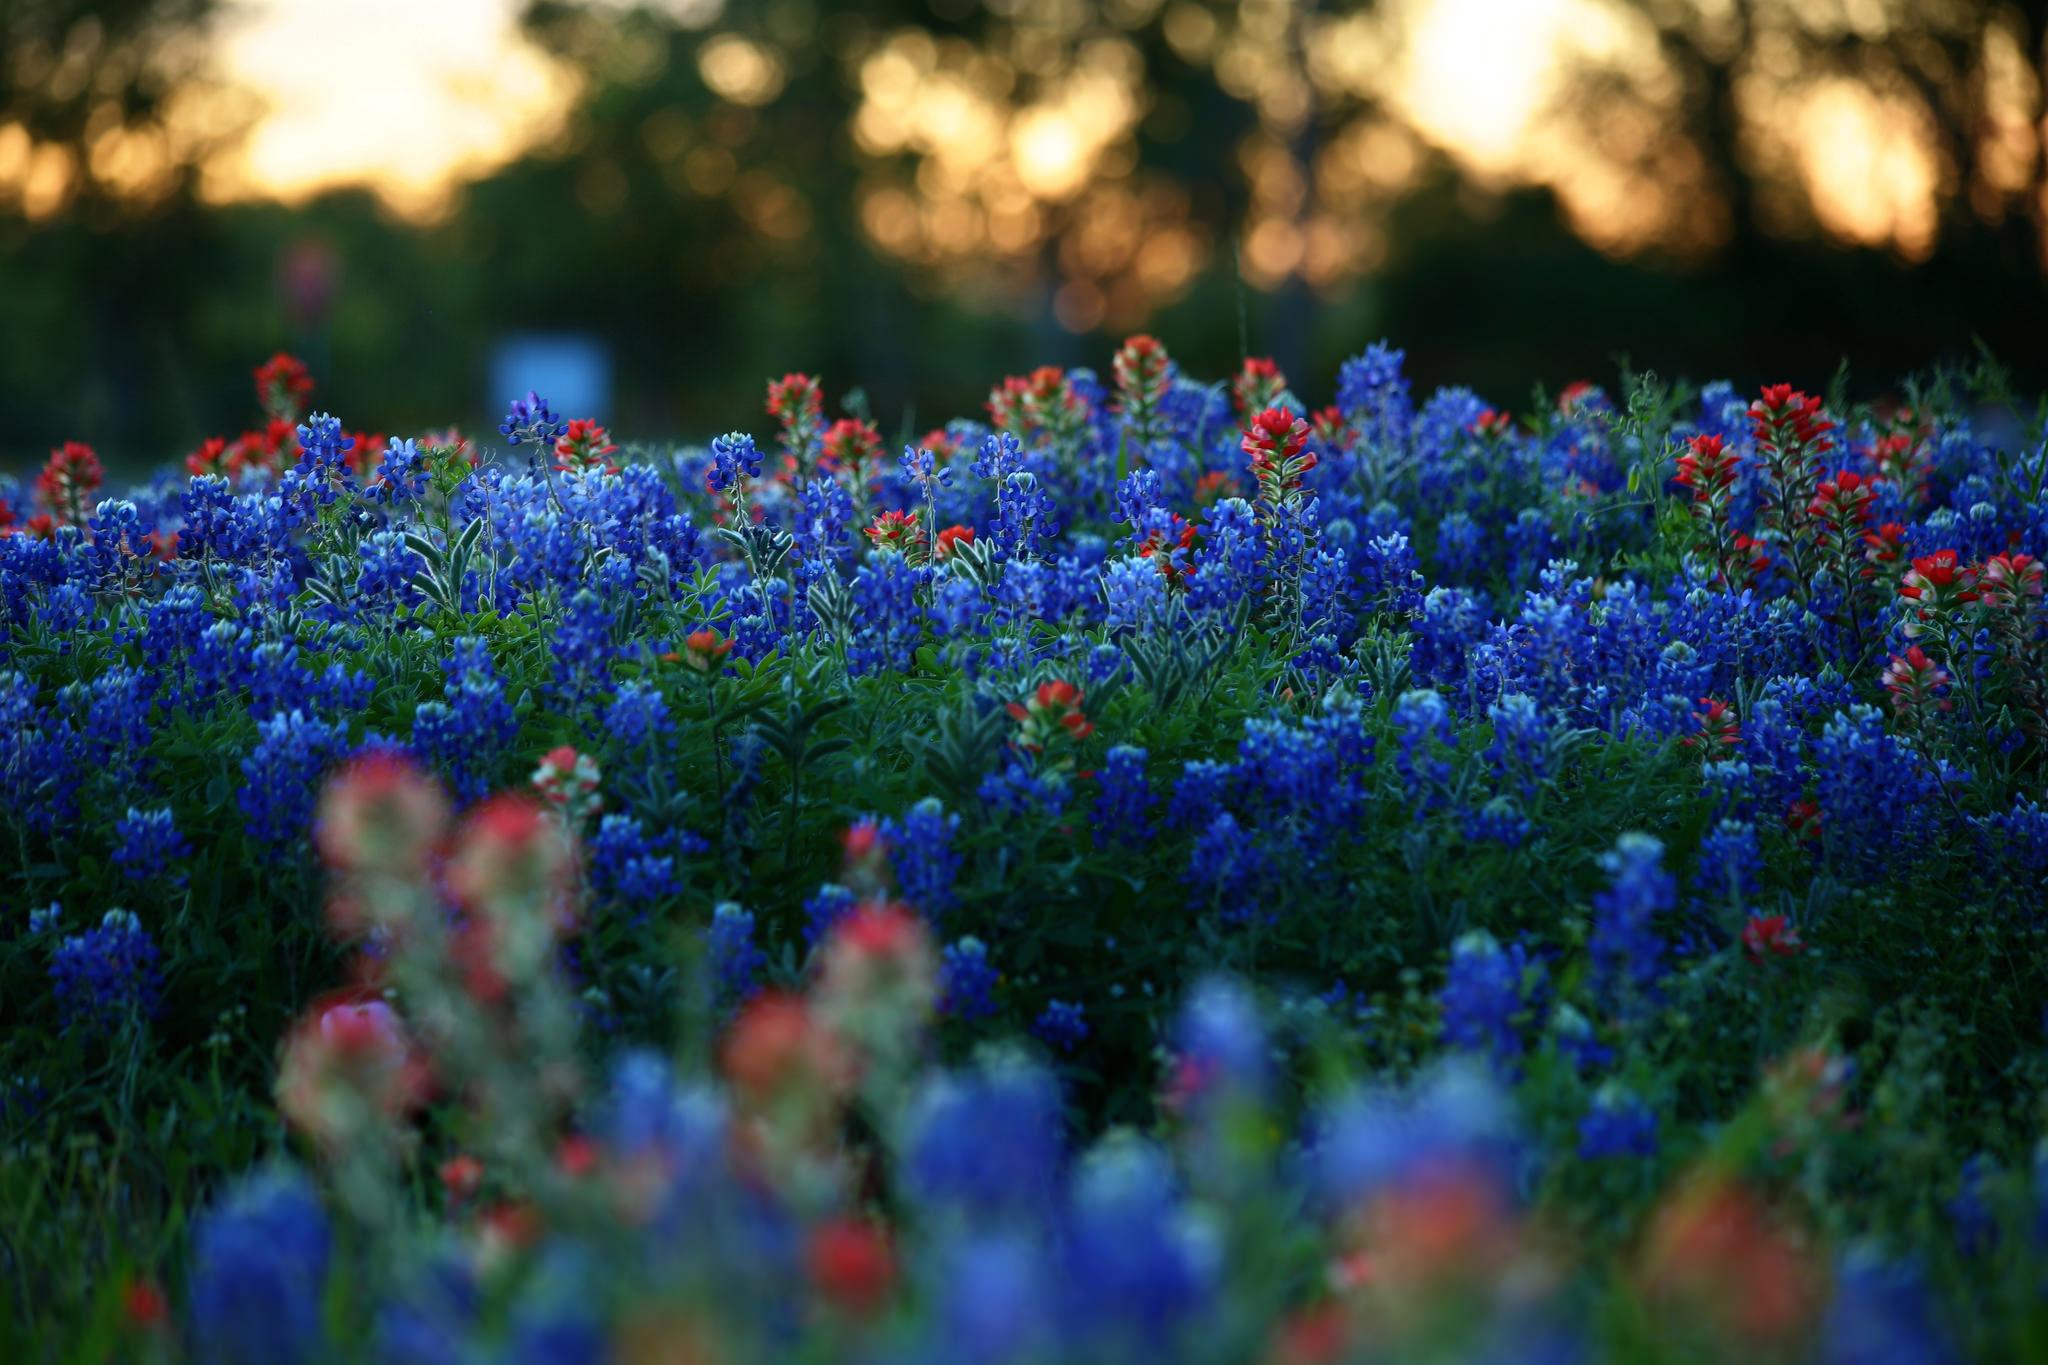 красивая картинка с синими цветами получении